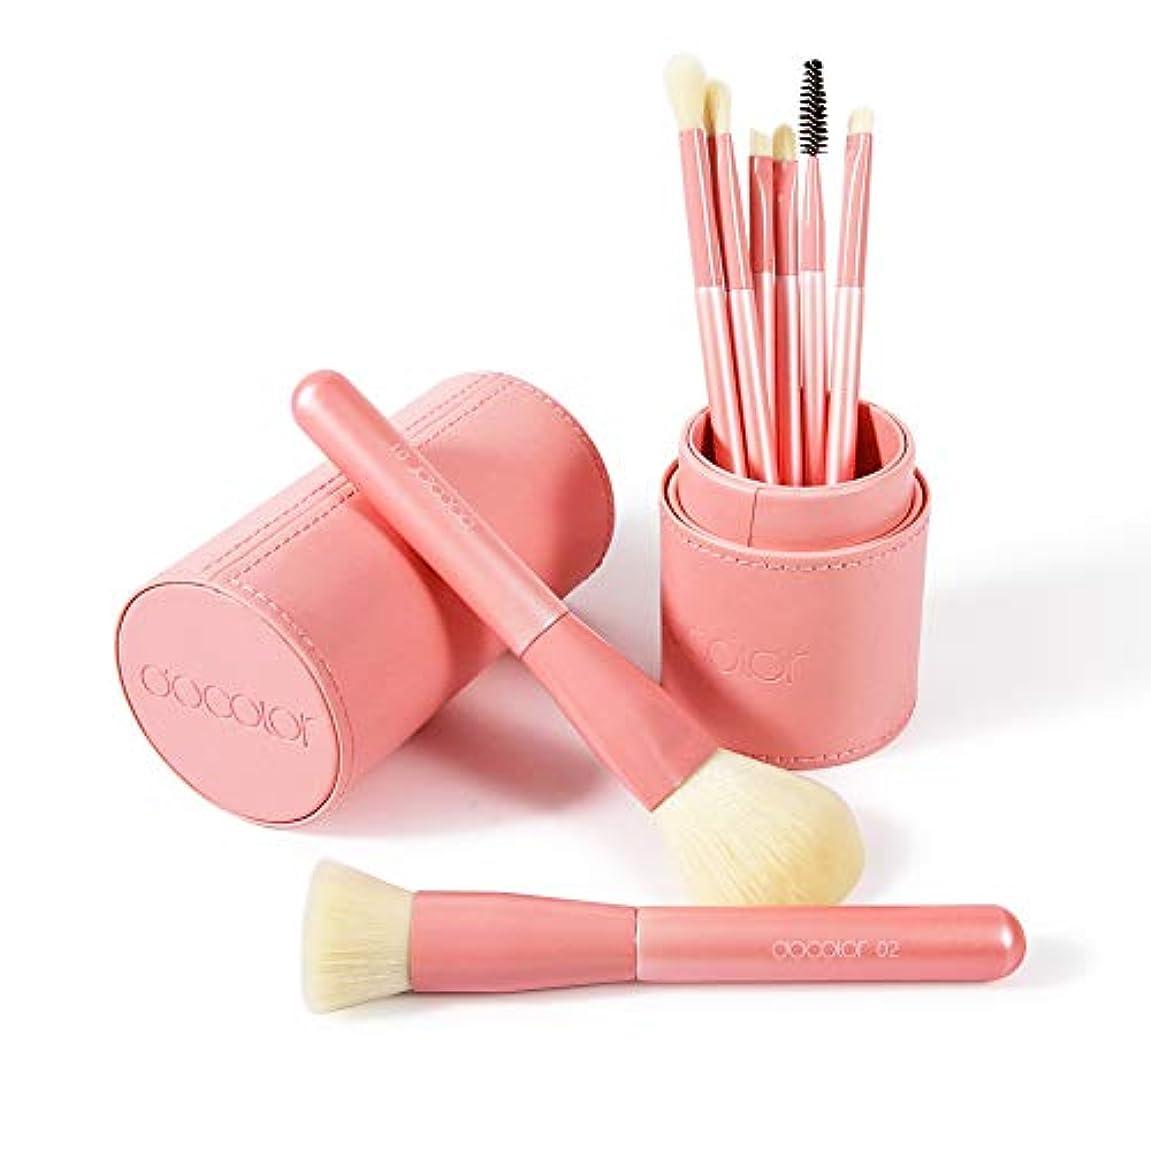 反論者悩む眩惑するDocolor ドゥカラー 化粧筆 メイクブラシ8本セット ホルダーケース付き  ピンク